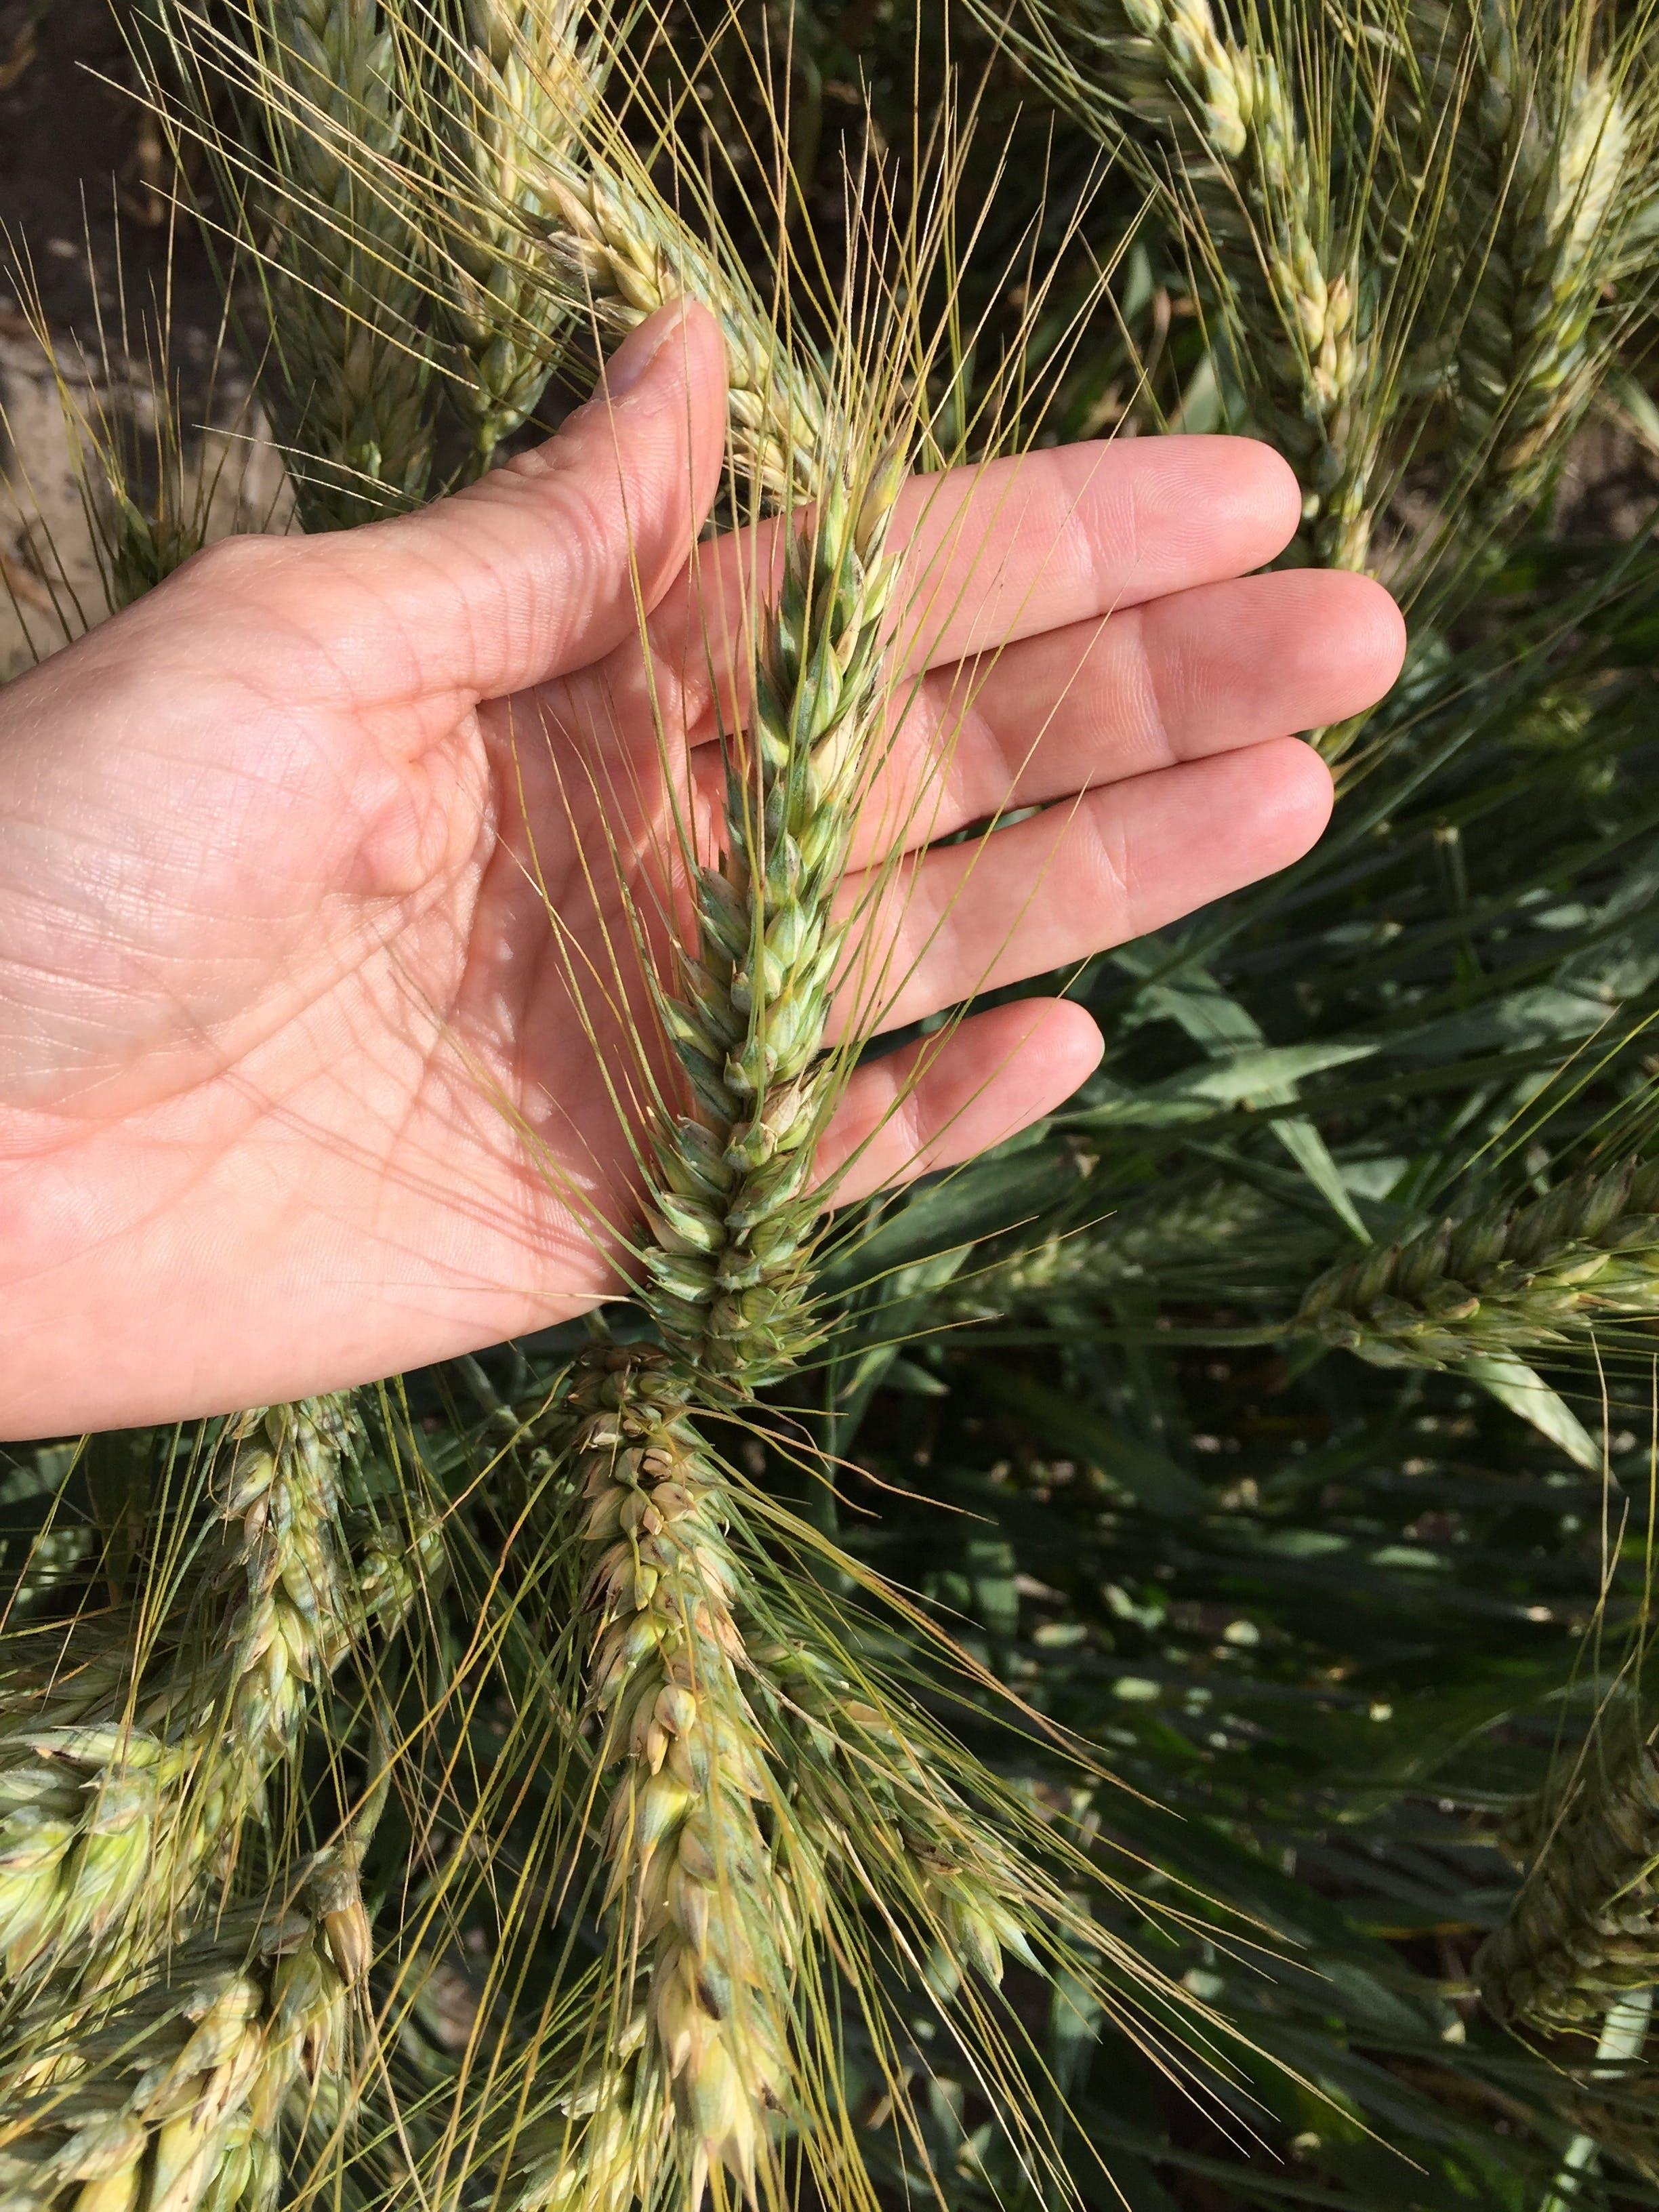 Gratis arkivbilde med hvete, kvinnes hånd, øre